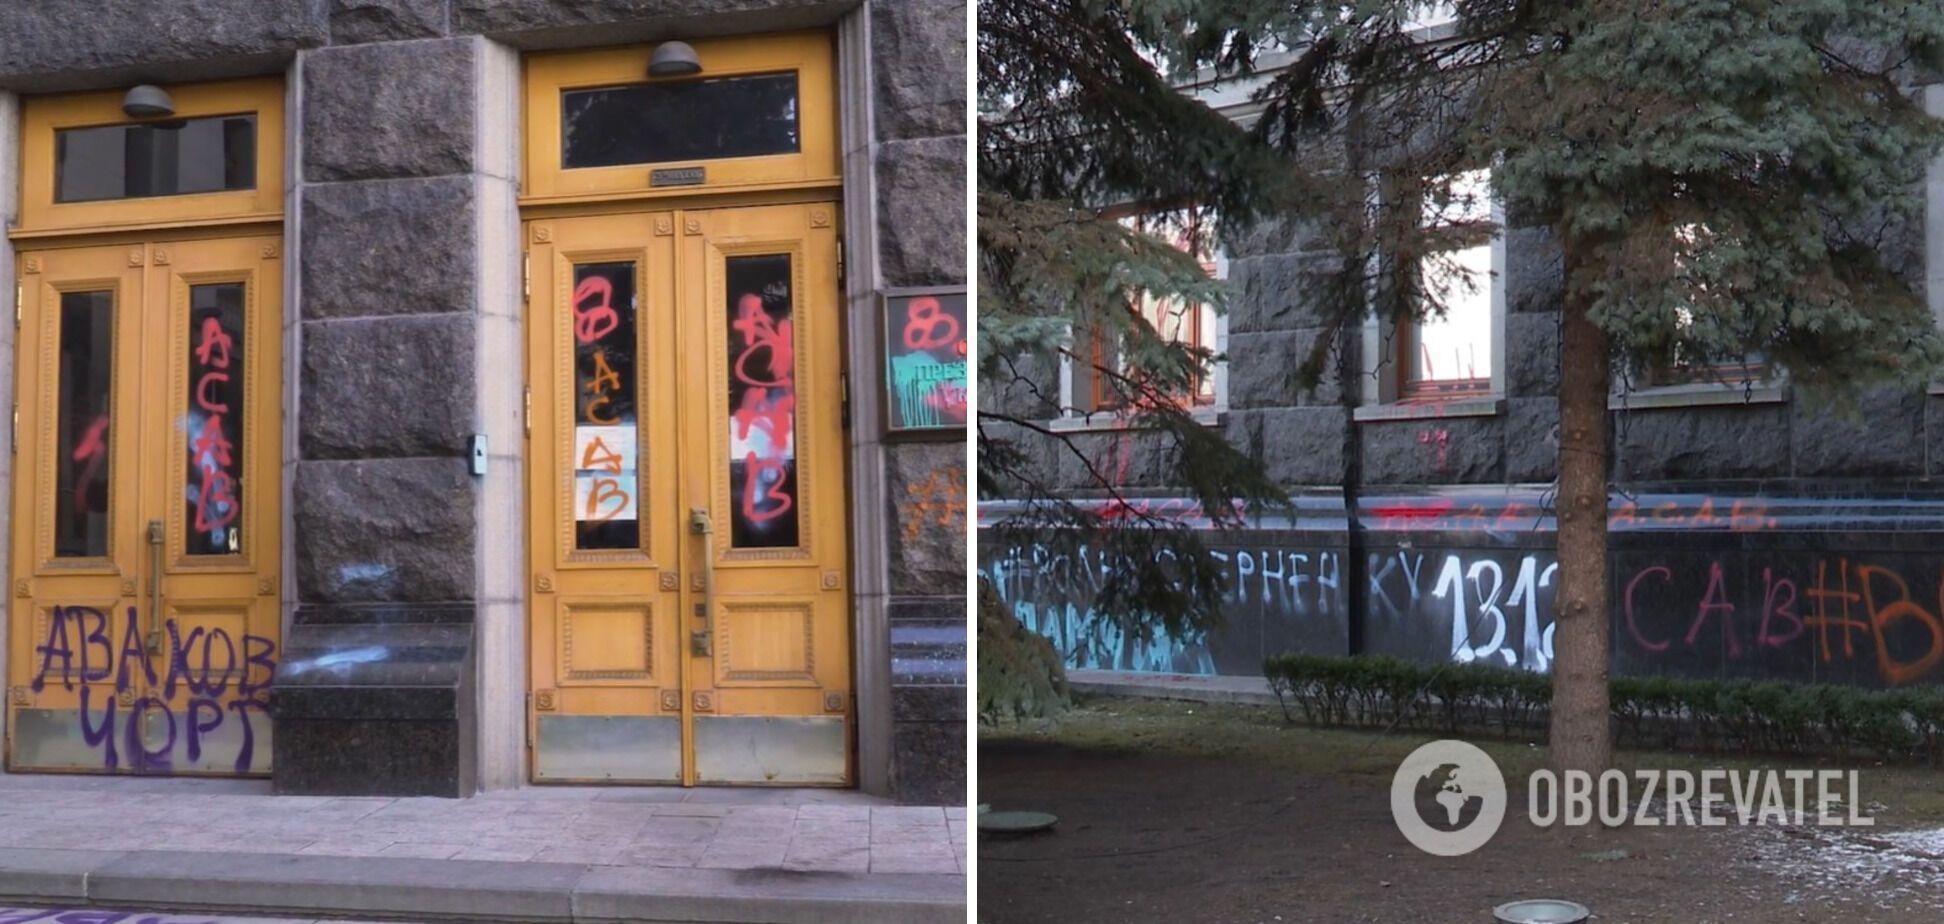 Наслідки акції 20 березня для будівлі ОПУ